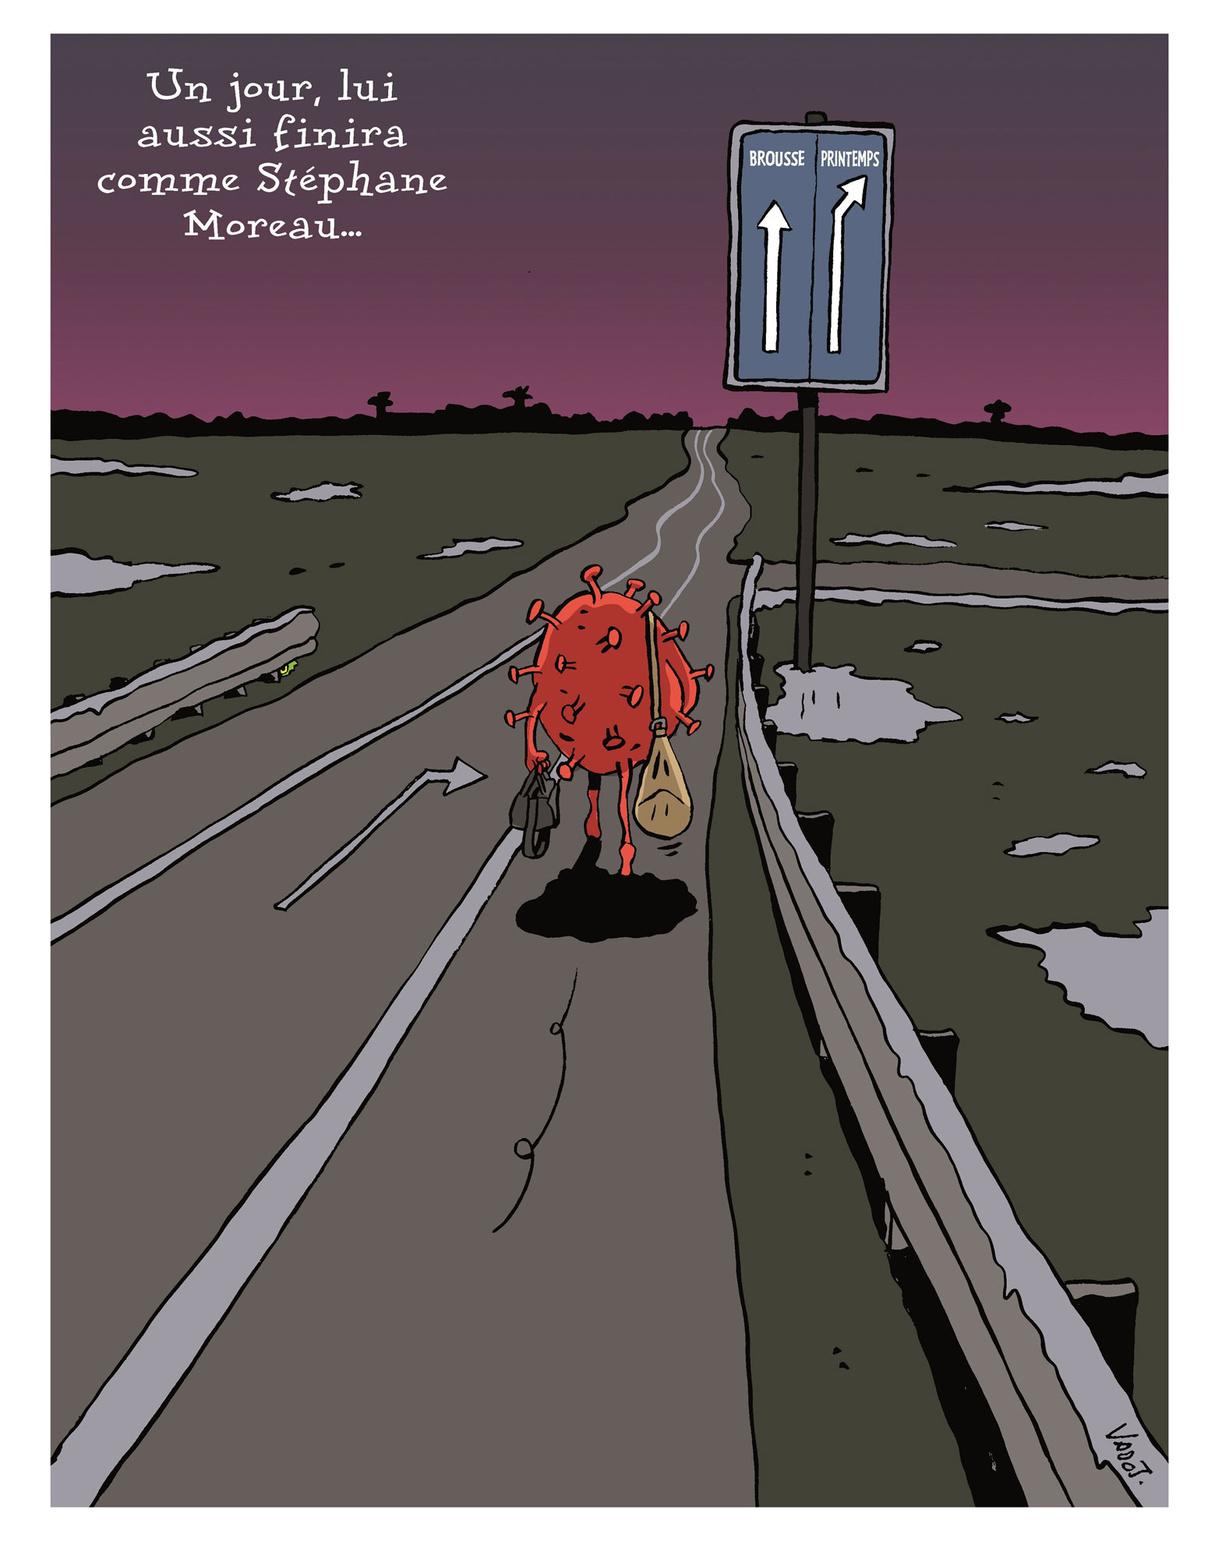 18 février 2021. Stéphane Moreau quitte la prison de Marche-en-Famenne en soirée, de nuit, seul et à pied, alors que l'arrivée des beaux jours est attendue pour mieux combattre le coronavirus., Vadot